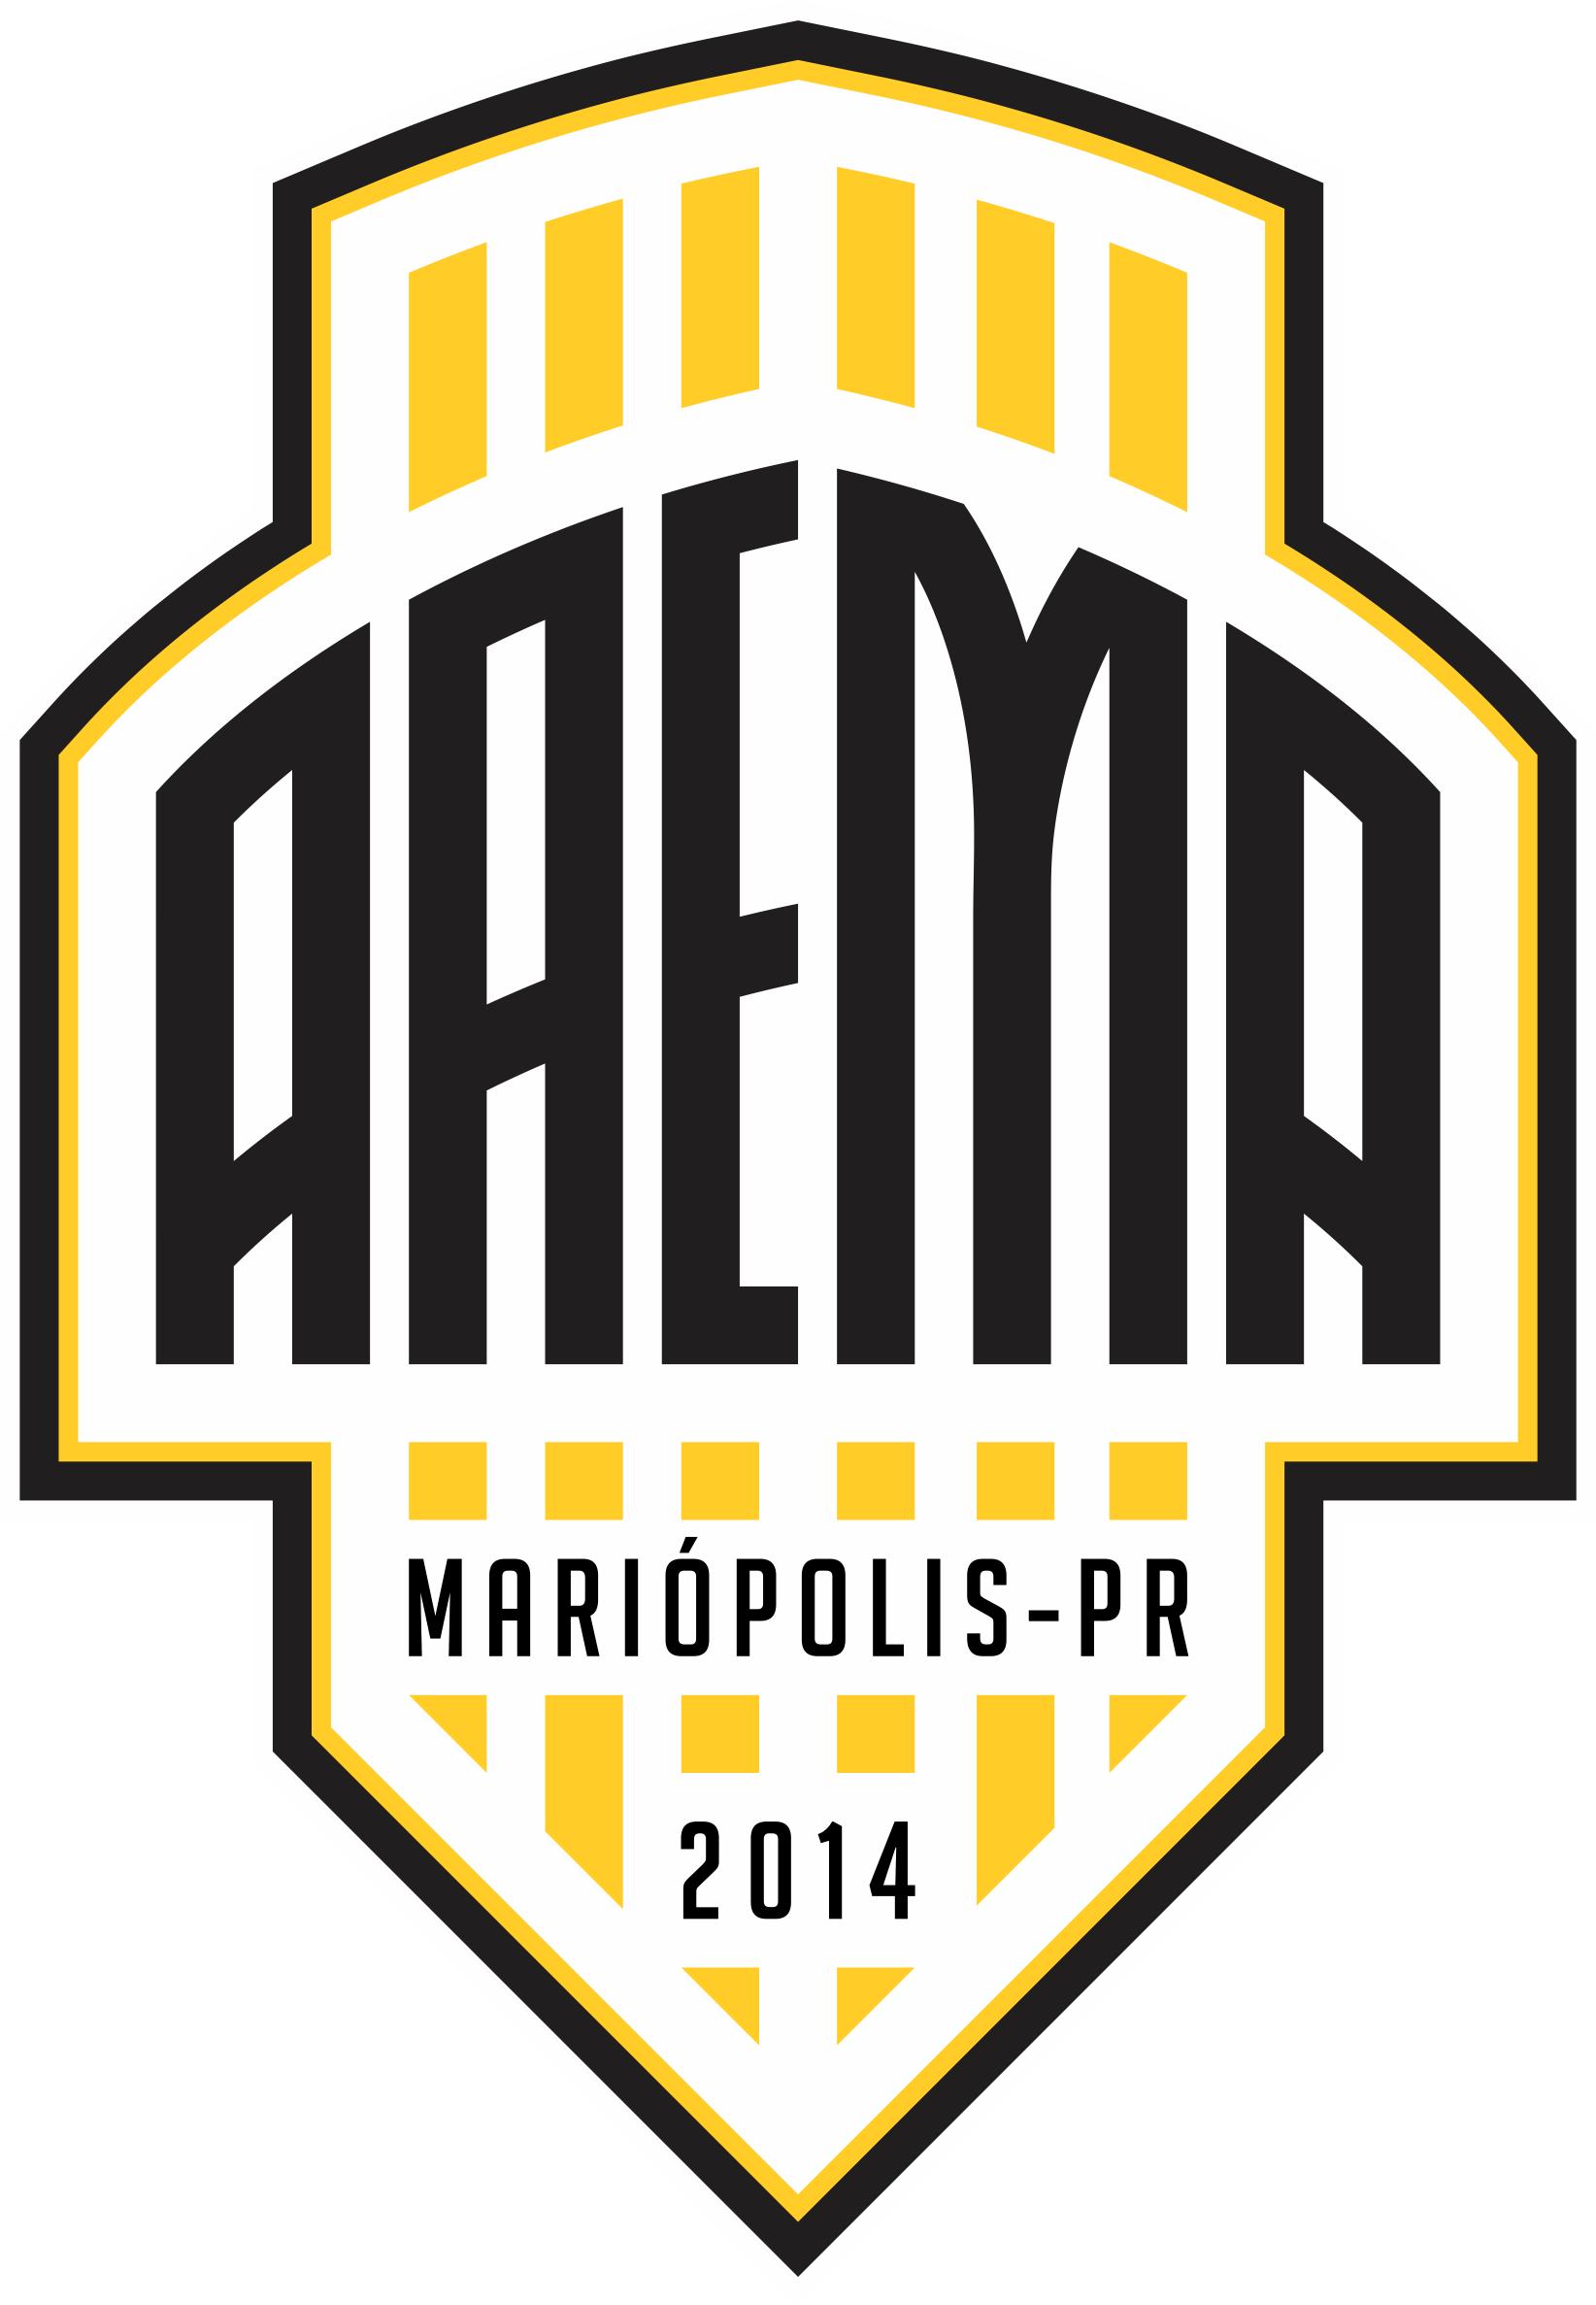 AAEMA Mariópolis/RP Info